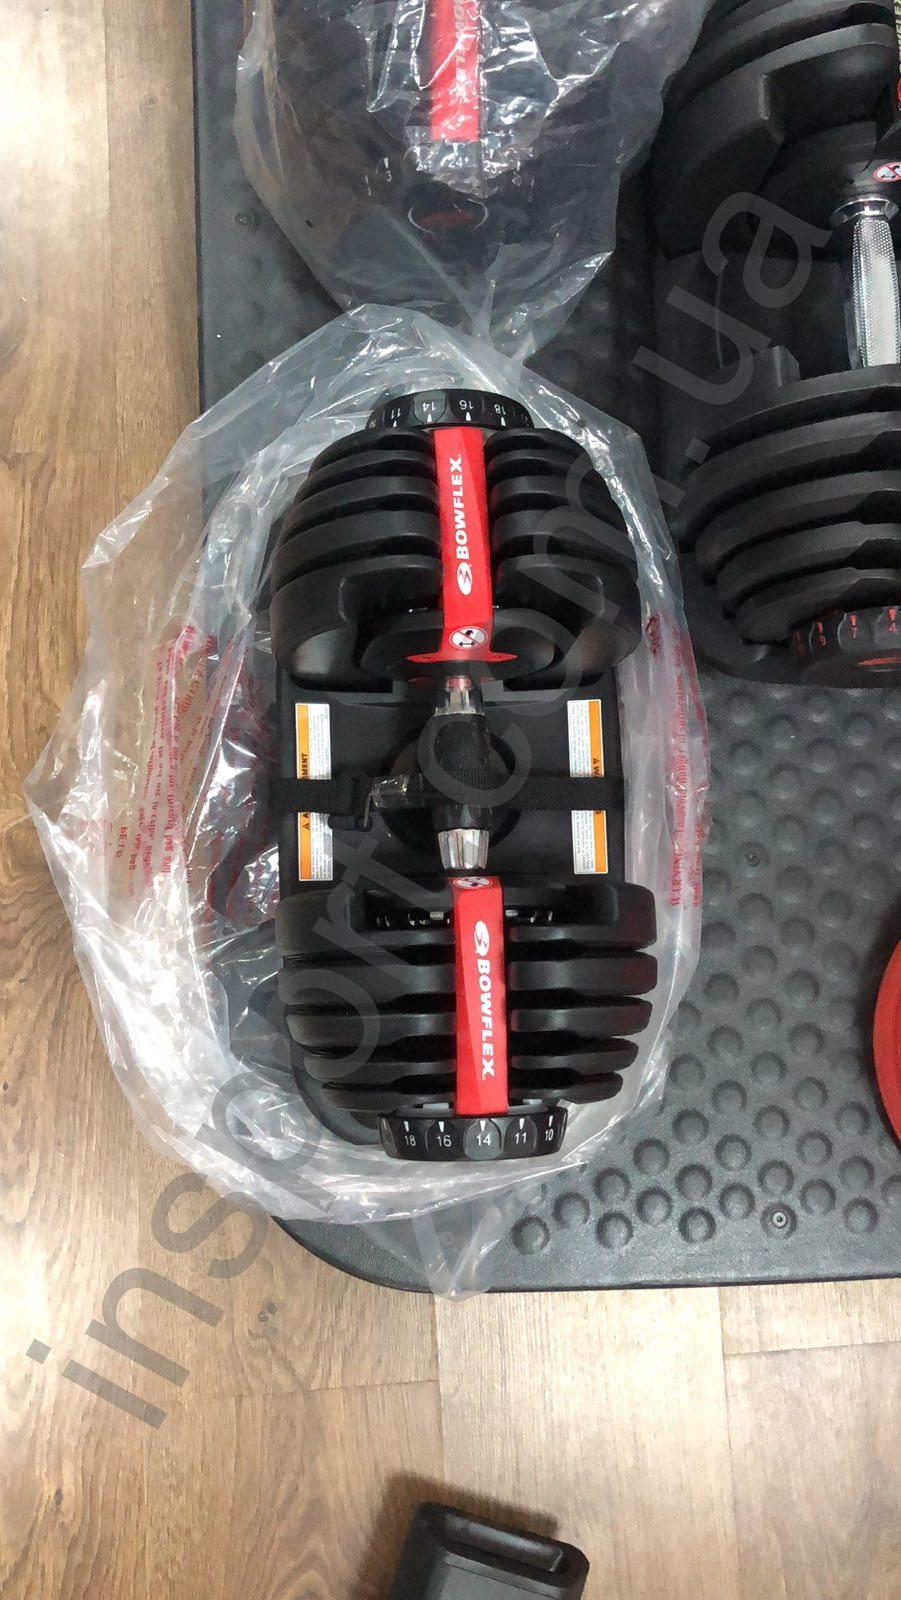 Наборные гантели Bowflex SelectTech 552i Dumbbells